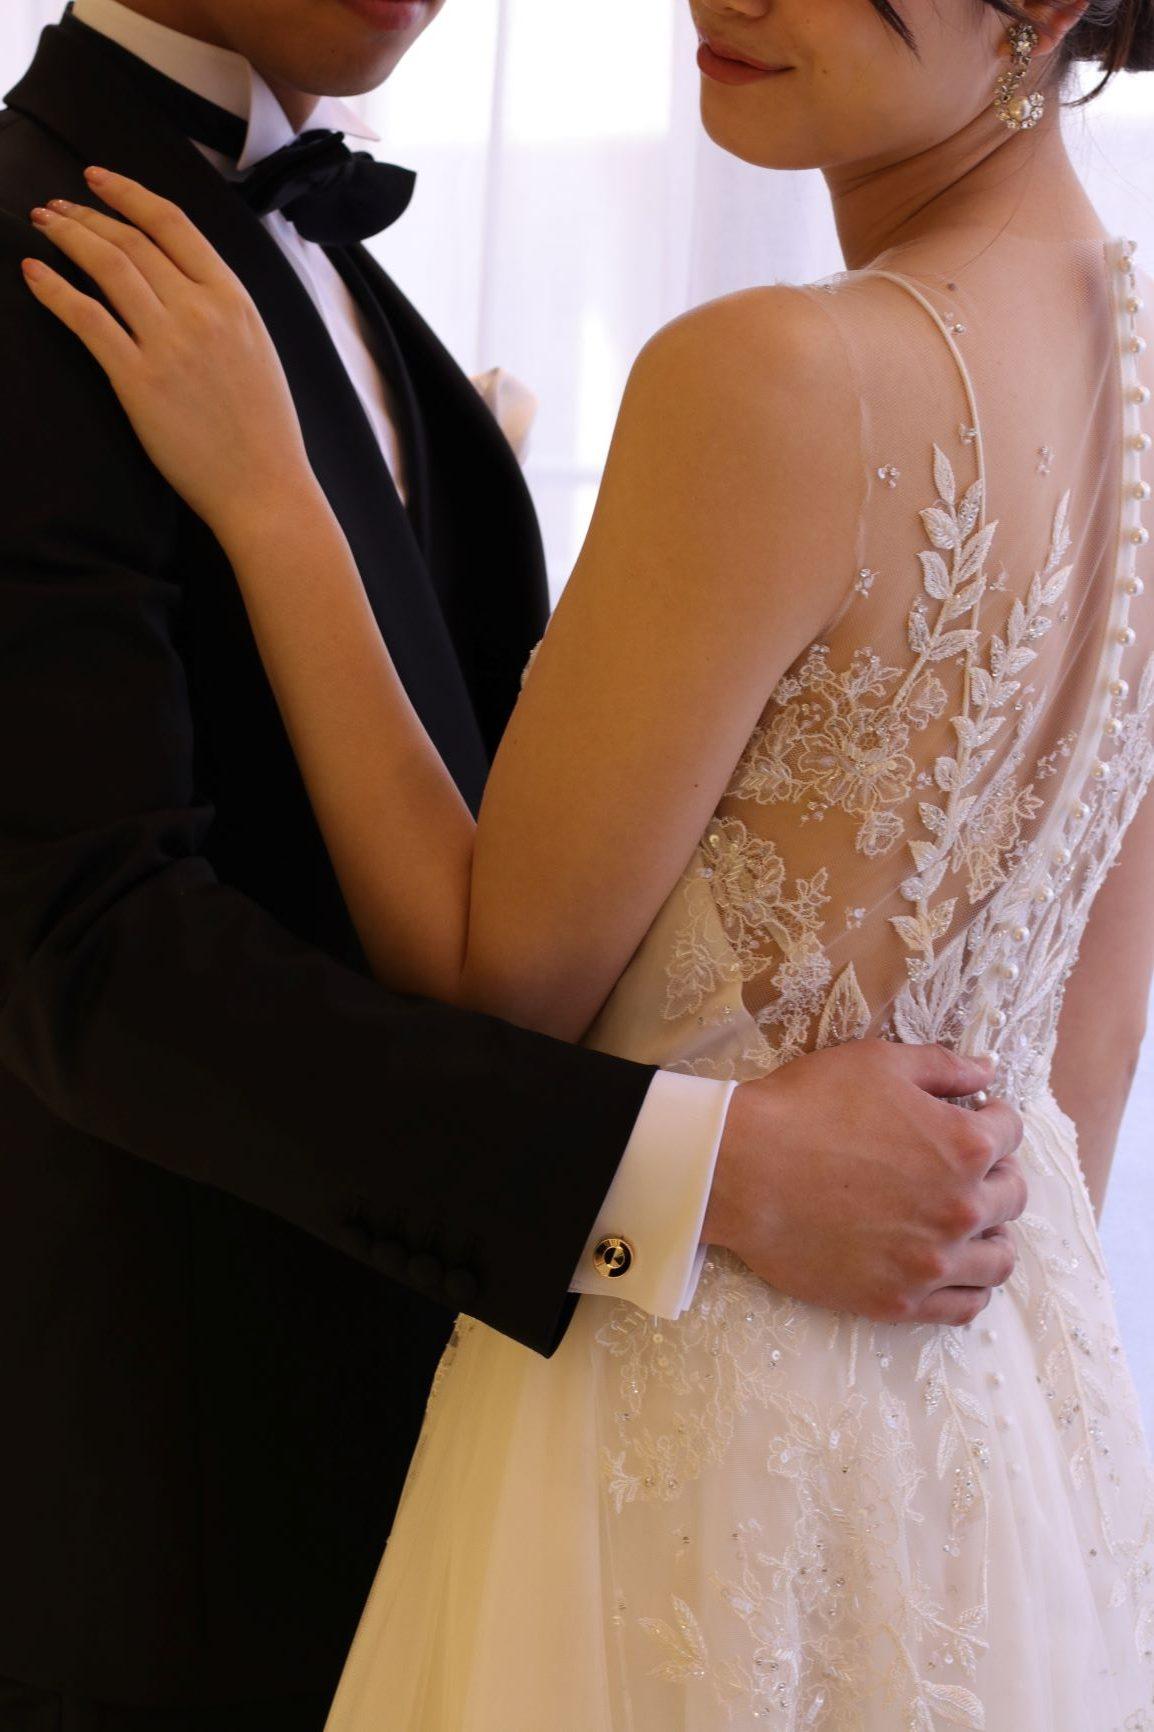 東京表参道のドレスショップ、ザ・トリート・ドレッシング アディション店では新婦様のウェディングドレスや結婚式場、お二人のテーマに合わせた新郎様のタキシードのレンタル、購入、オーダーが可能です